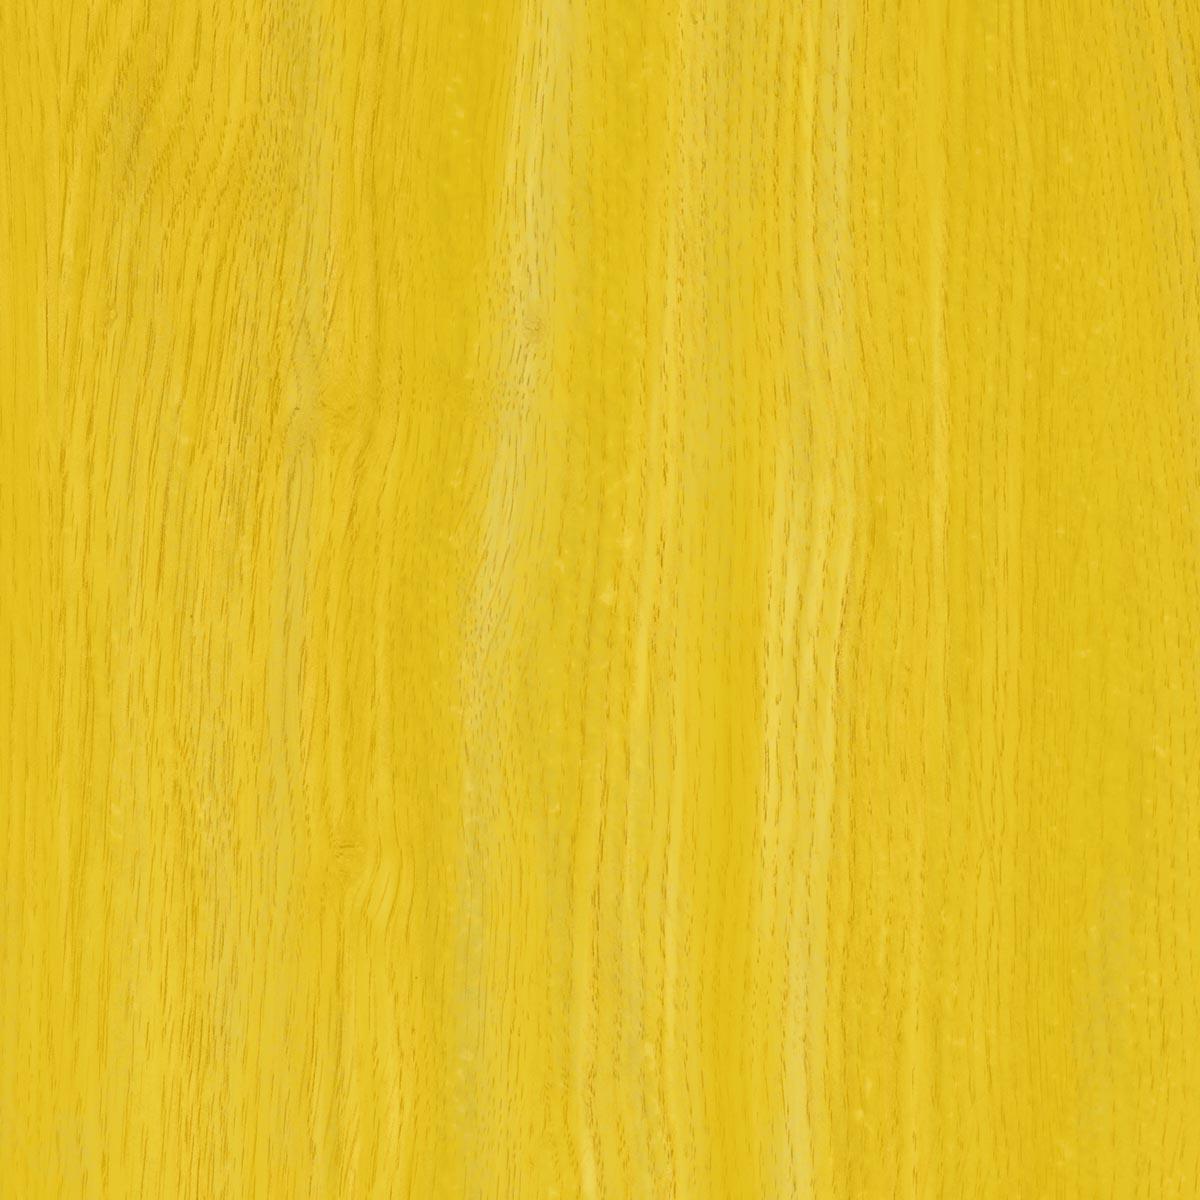 FolkArt ® Pickling Wash™ - Soleil, 8 oz. - 5764